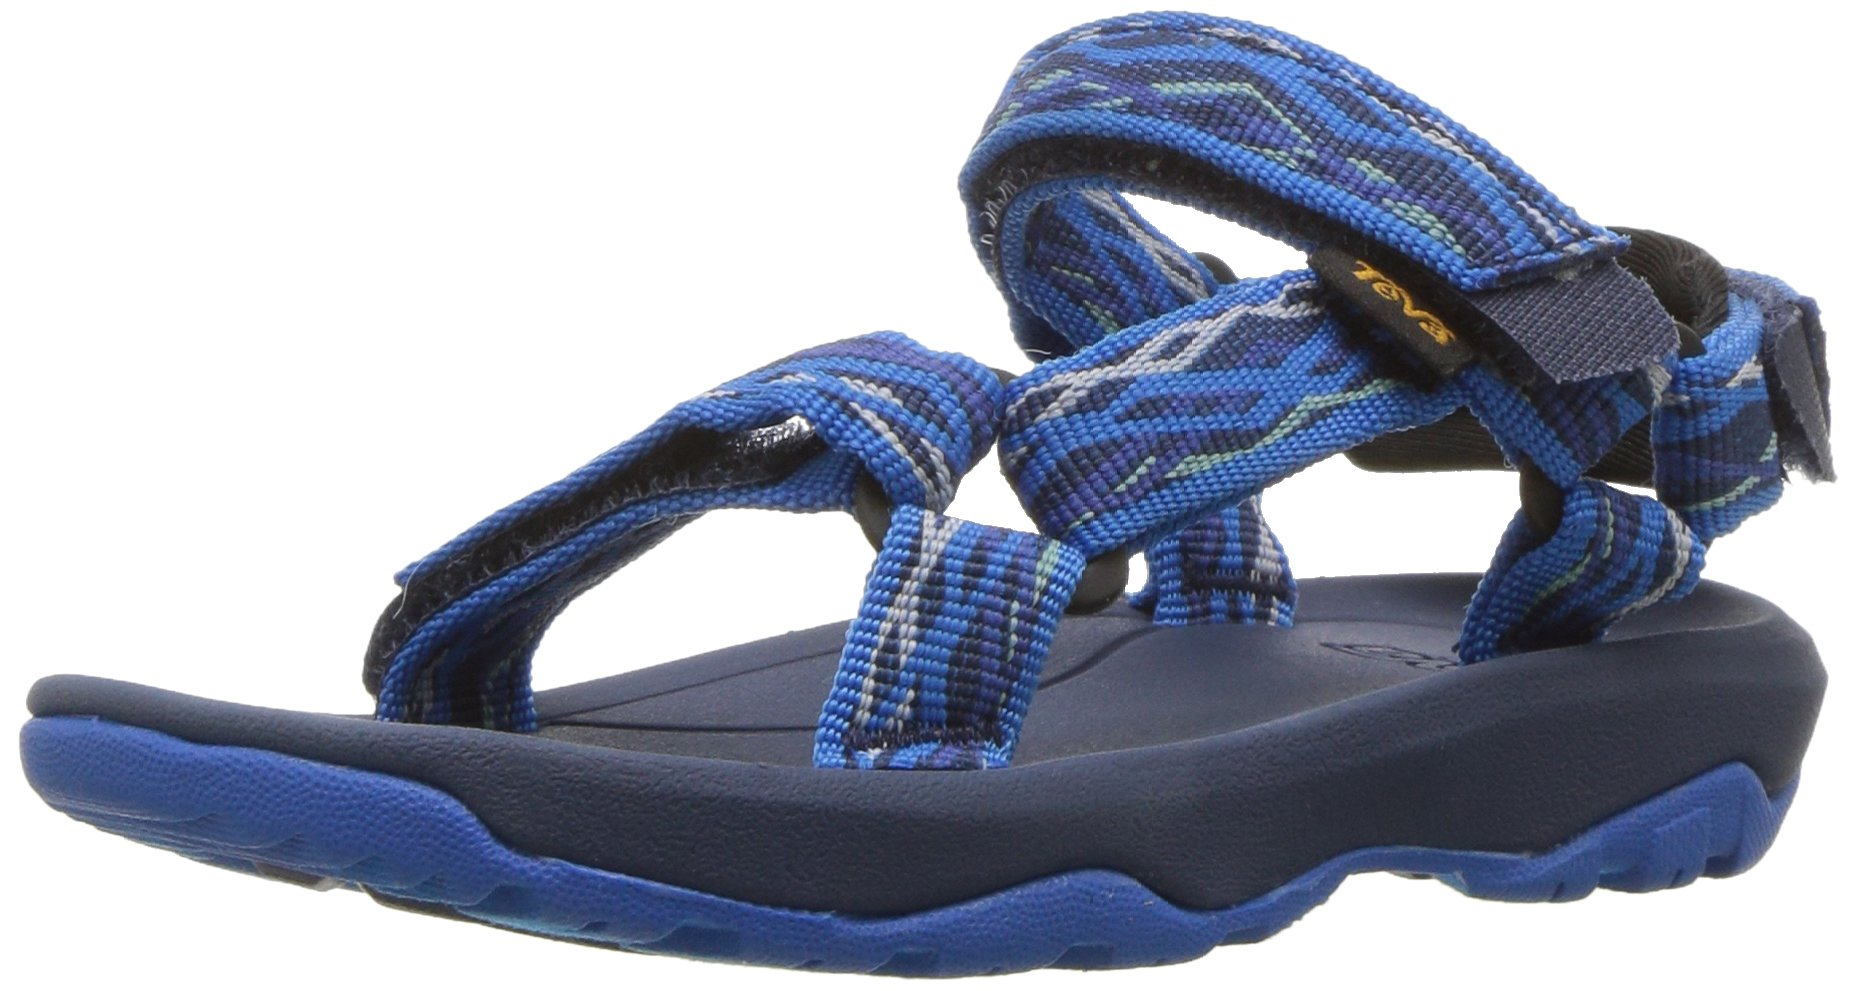 Teva Boys' T Hurricane XLT 2 Sport Sandal, Delmar Blue, 9 M US Toddler by Teva